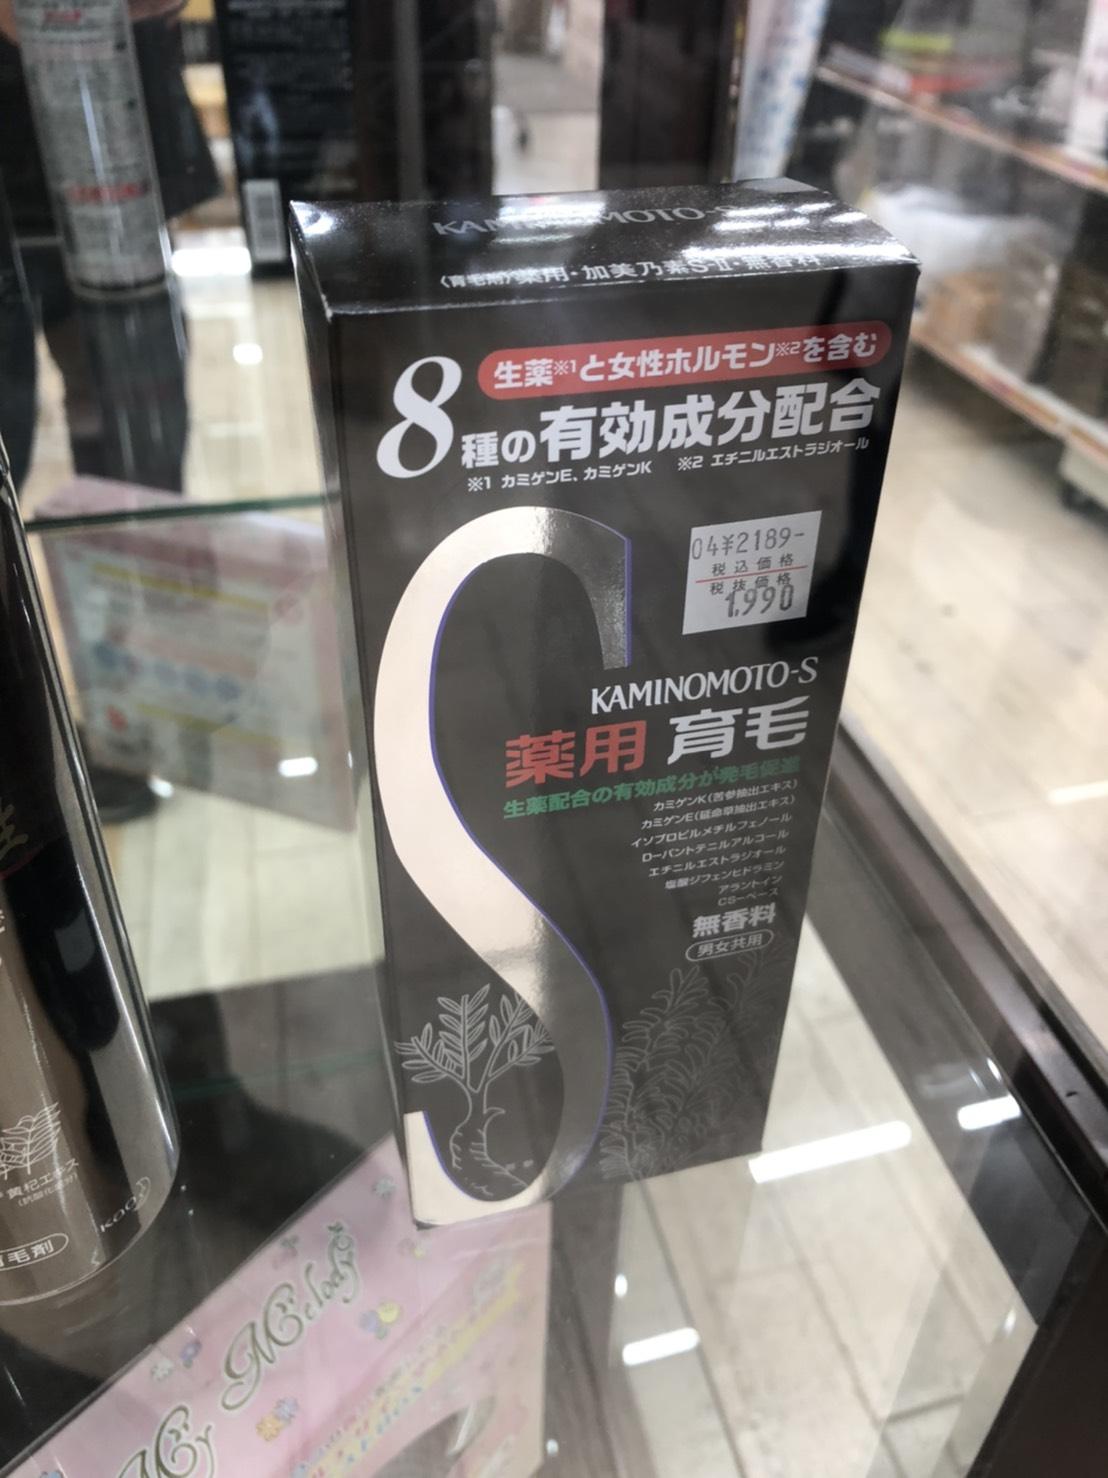 【新品!!】KAMINOMOTO-S 薬用育毛剤 8種の有効成分配合 加美乃素 S-Ⅱを買取りさせて頂きました。の買取-